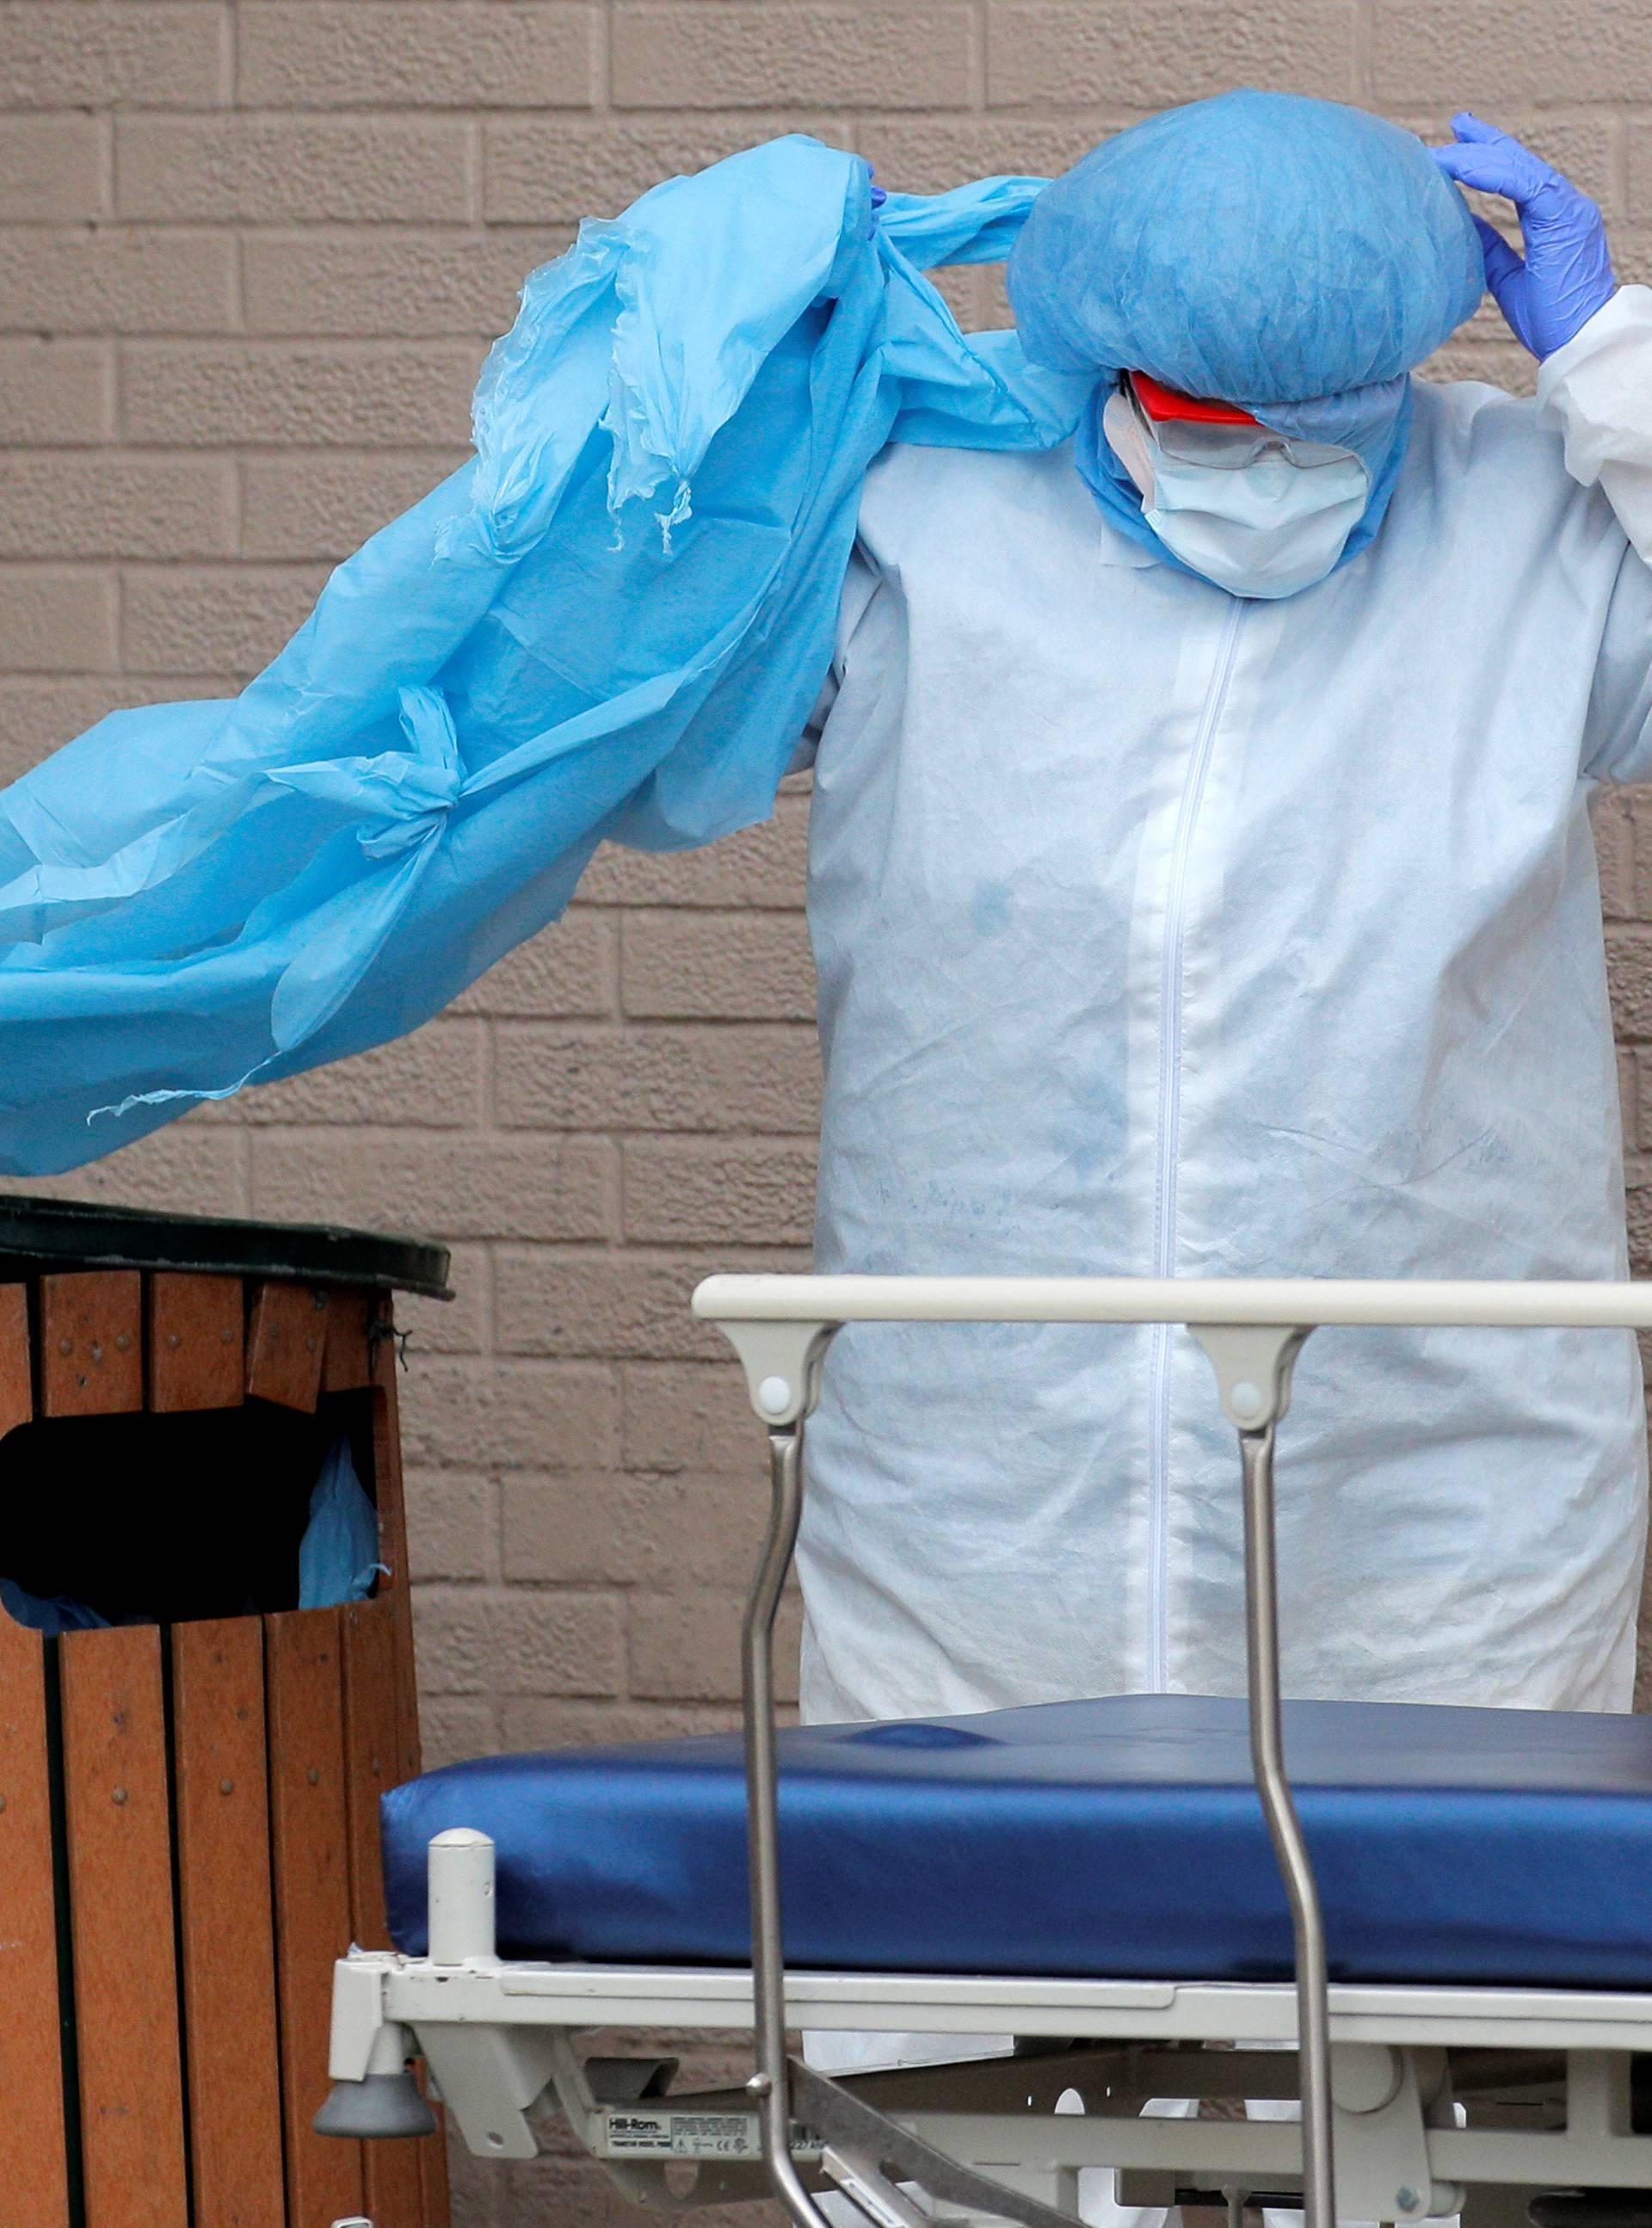 Zaplijenili su mu stotine tisuća maski, sad će ih dati bolnicama